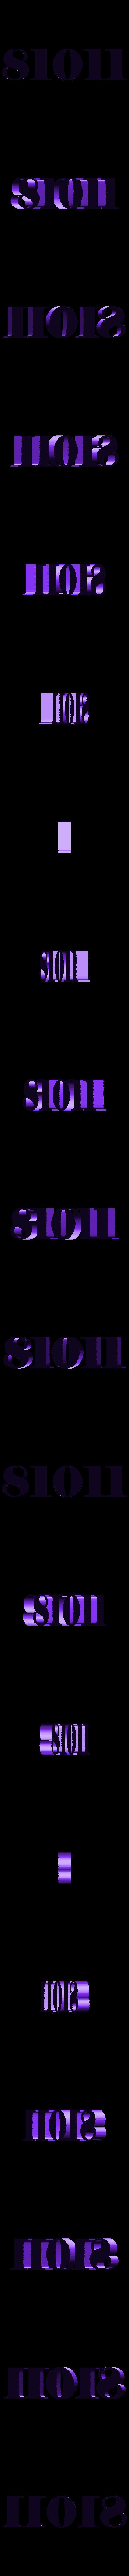 Numbers_81011.stl Télécharger fichier STL gratuit Сlock sur le mur • Plan pour imprimante 3D, gaevskiiy